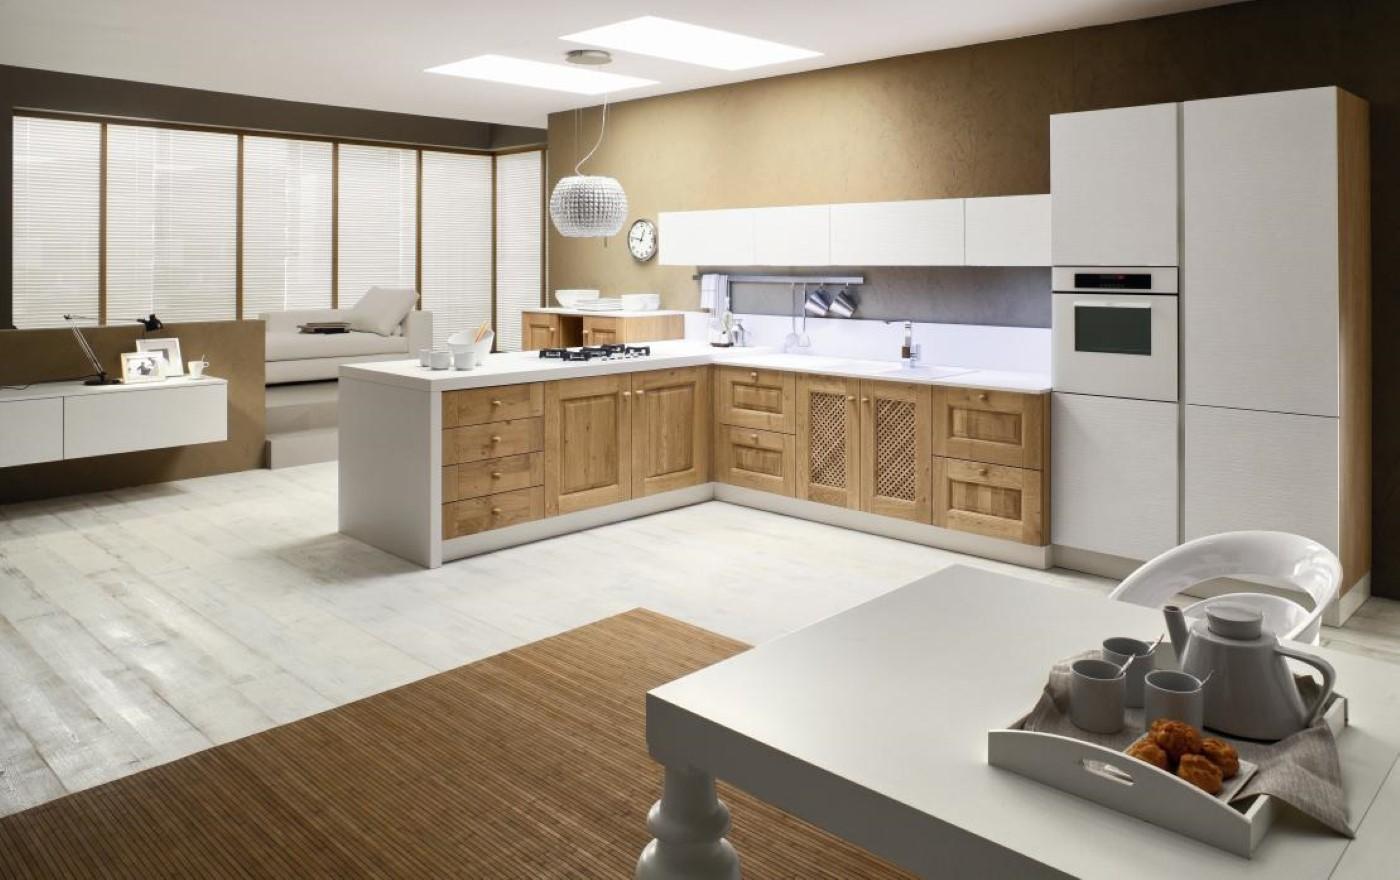 Cocinas muebles de cocina y armariadas de cocina online for Muebles cocina online